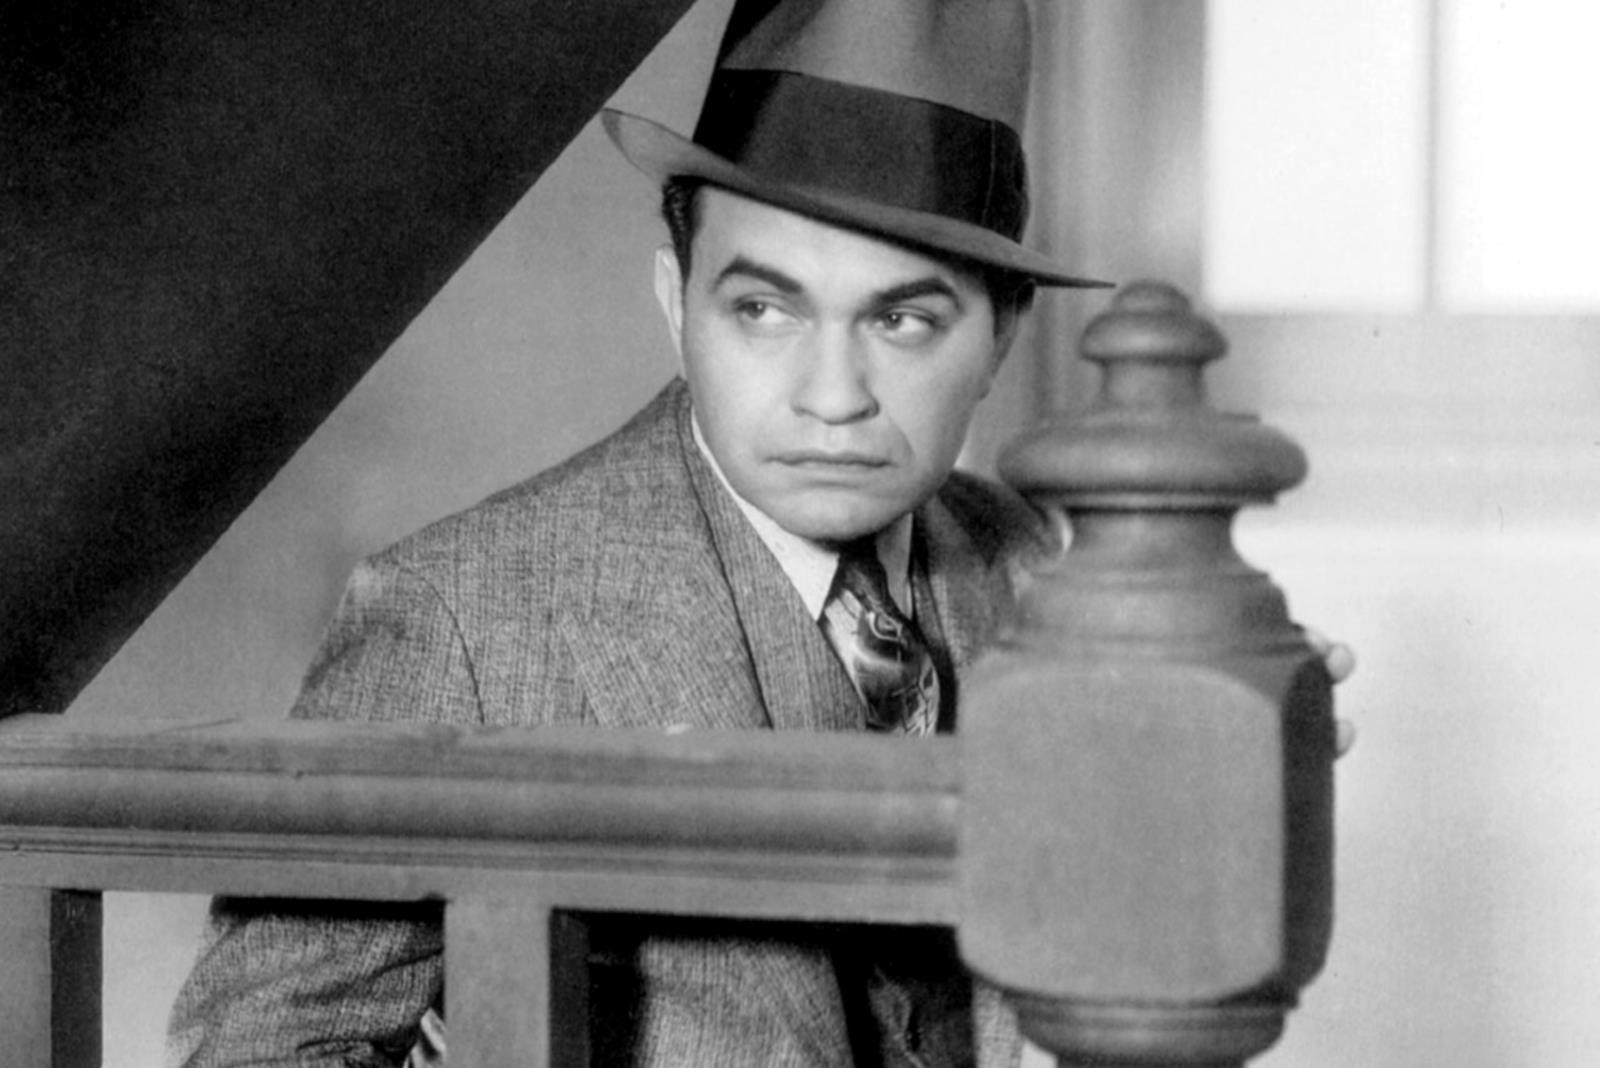 1893-1973 Jude Emanuel Goldenberg (Tarnname Edward G. Robinson). Hollywood-Schauspieler. Er spielte in den Filmen: Little Caesar, Frau ohne Gewissen, Die zehn Gebote und Soylent Green (Verschwörungsthriller). Unter den fünfzig wichtigsten amerikanischen Filmstars wird er auf Rang 24 geführt.